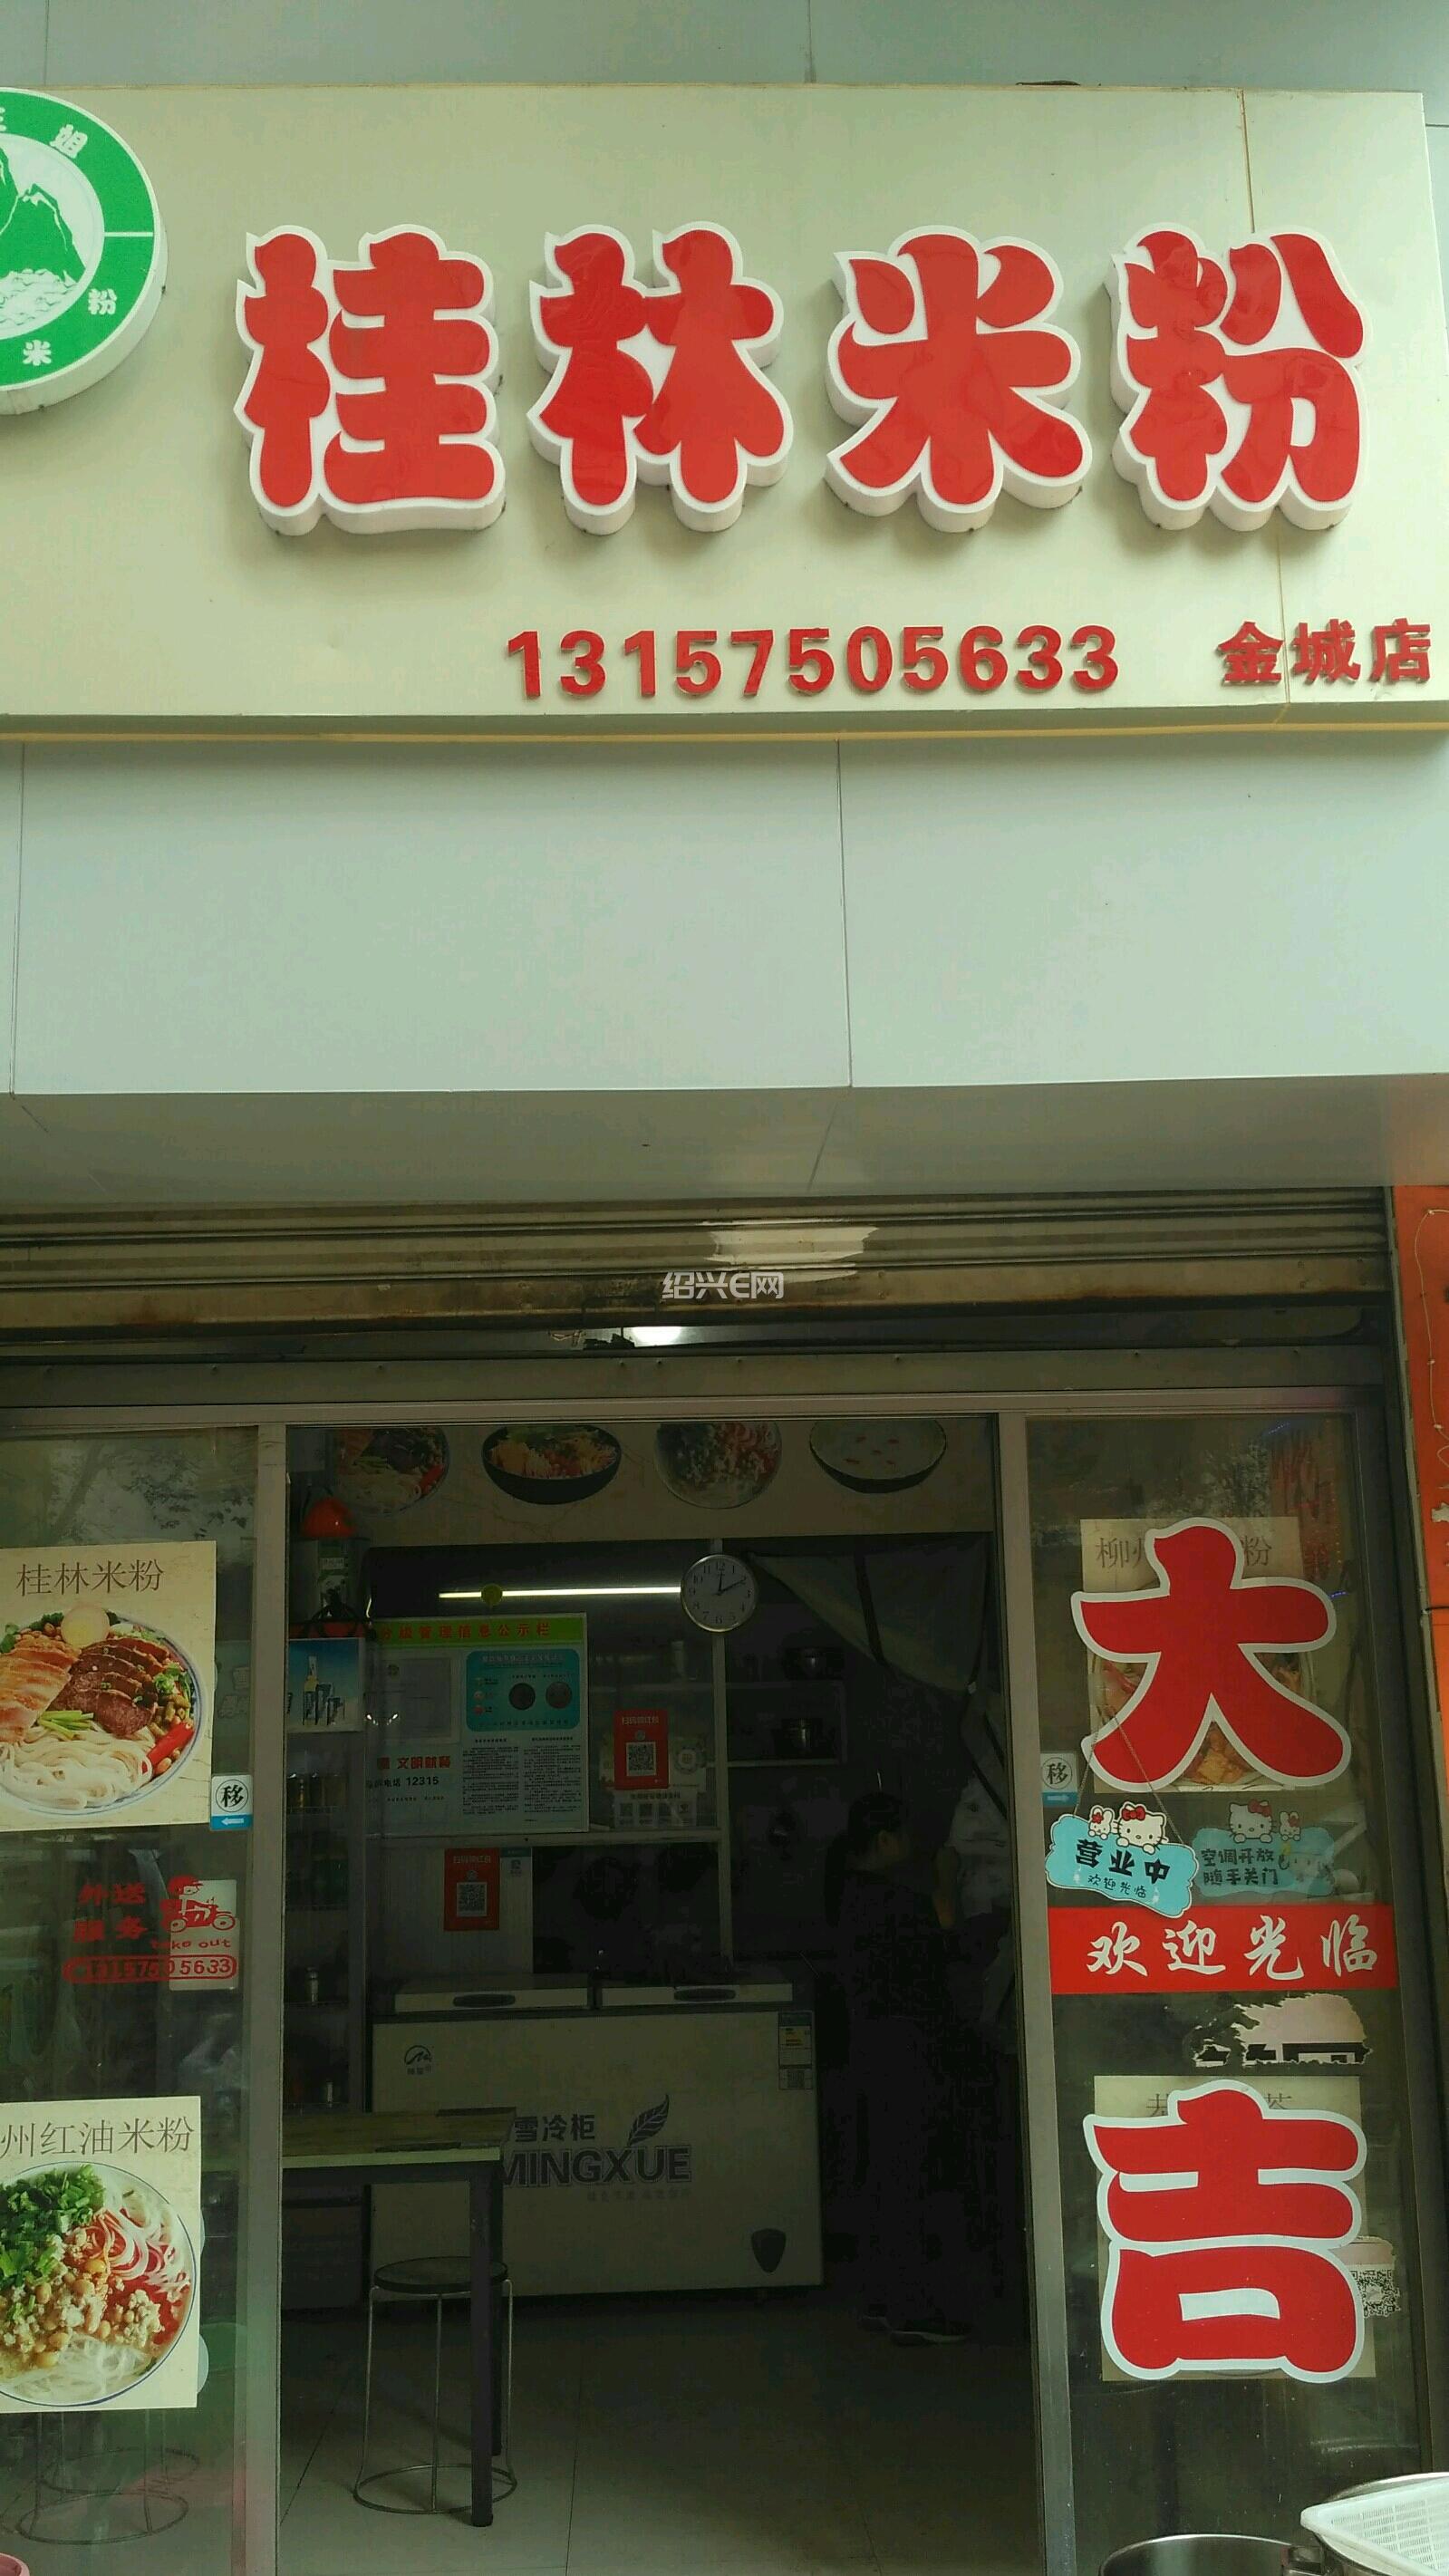 转让小吃店 商铺 柯桥 桂林米粉店 肯德基斜对面 北京银行隔壁13157505633